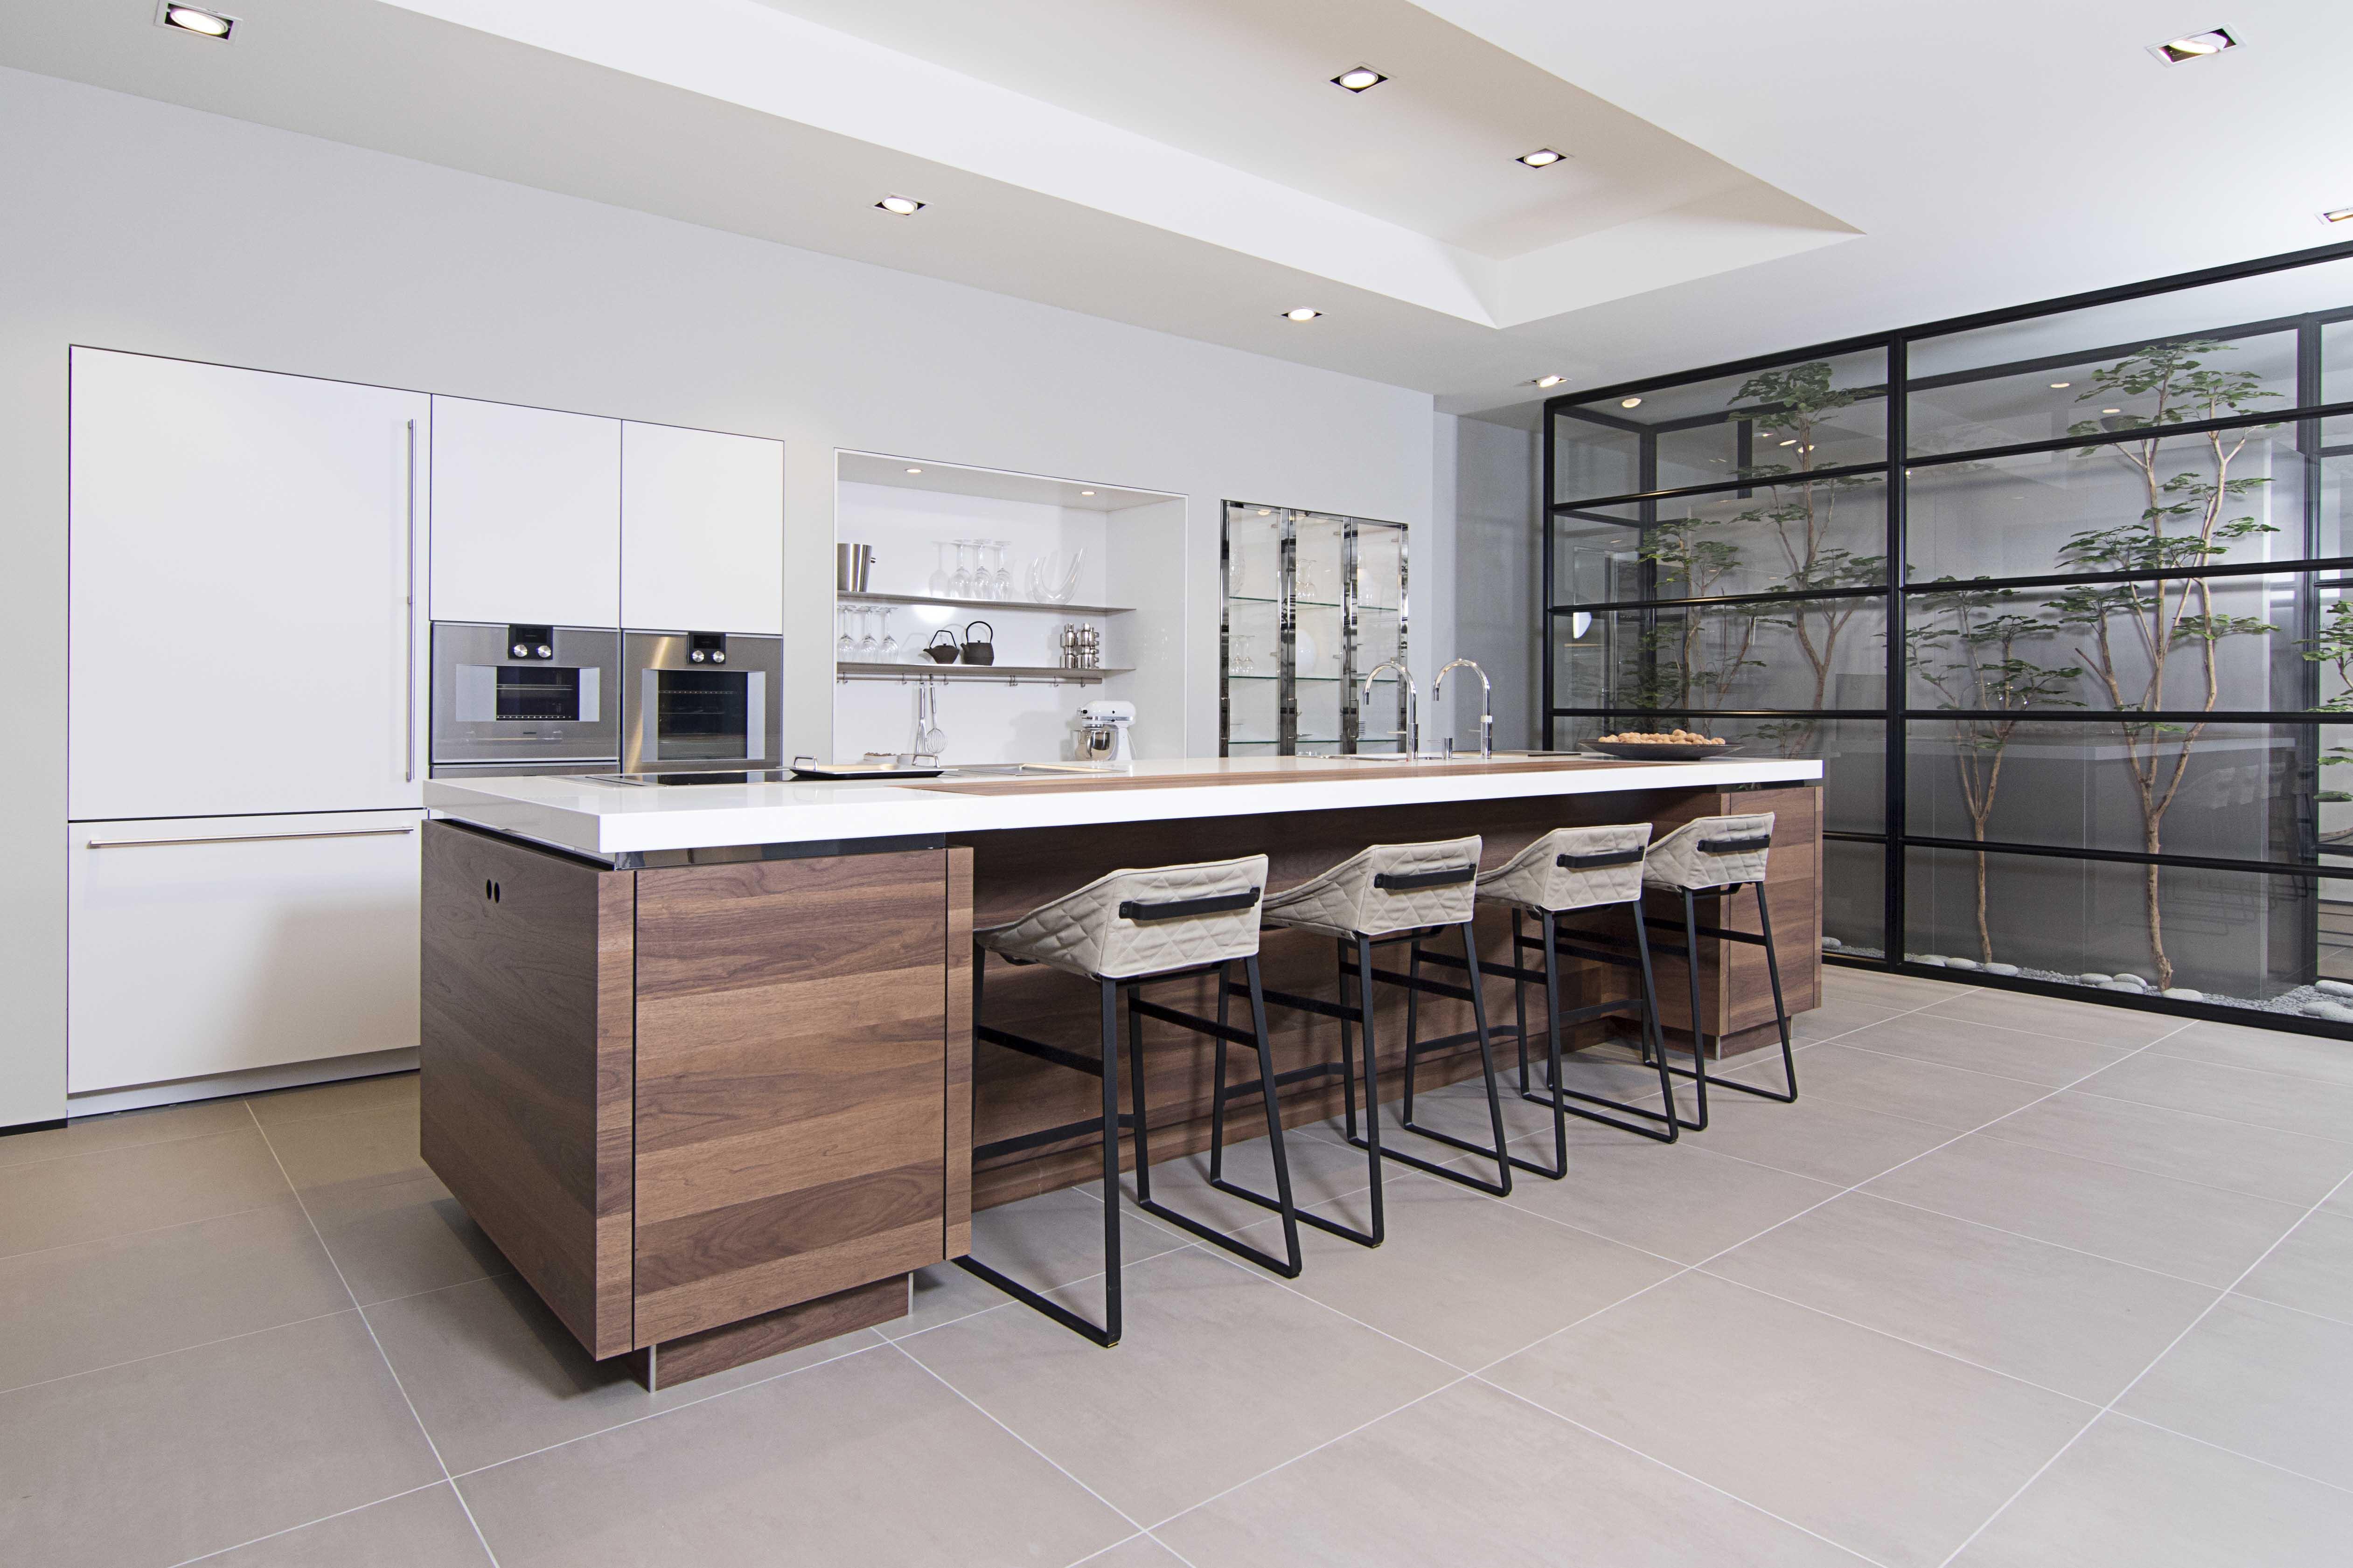 Houten keukens van siematic   nieuws startpagina voor keuken ...